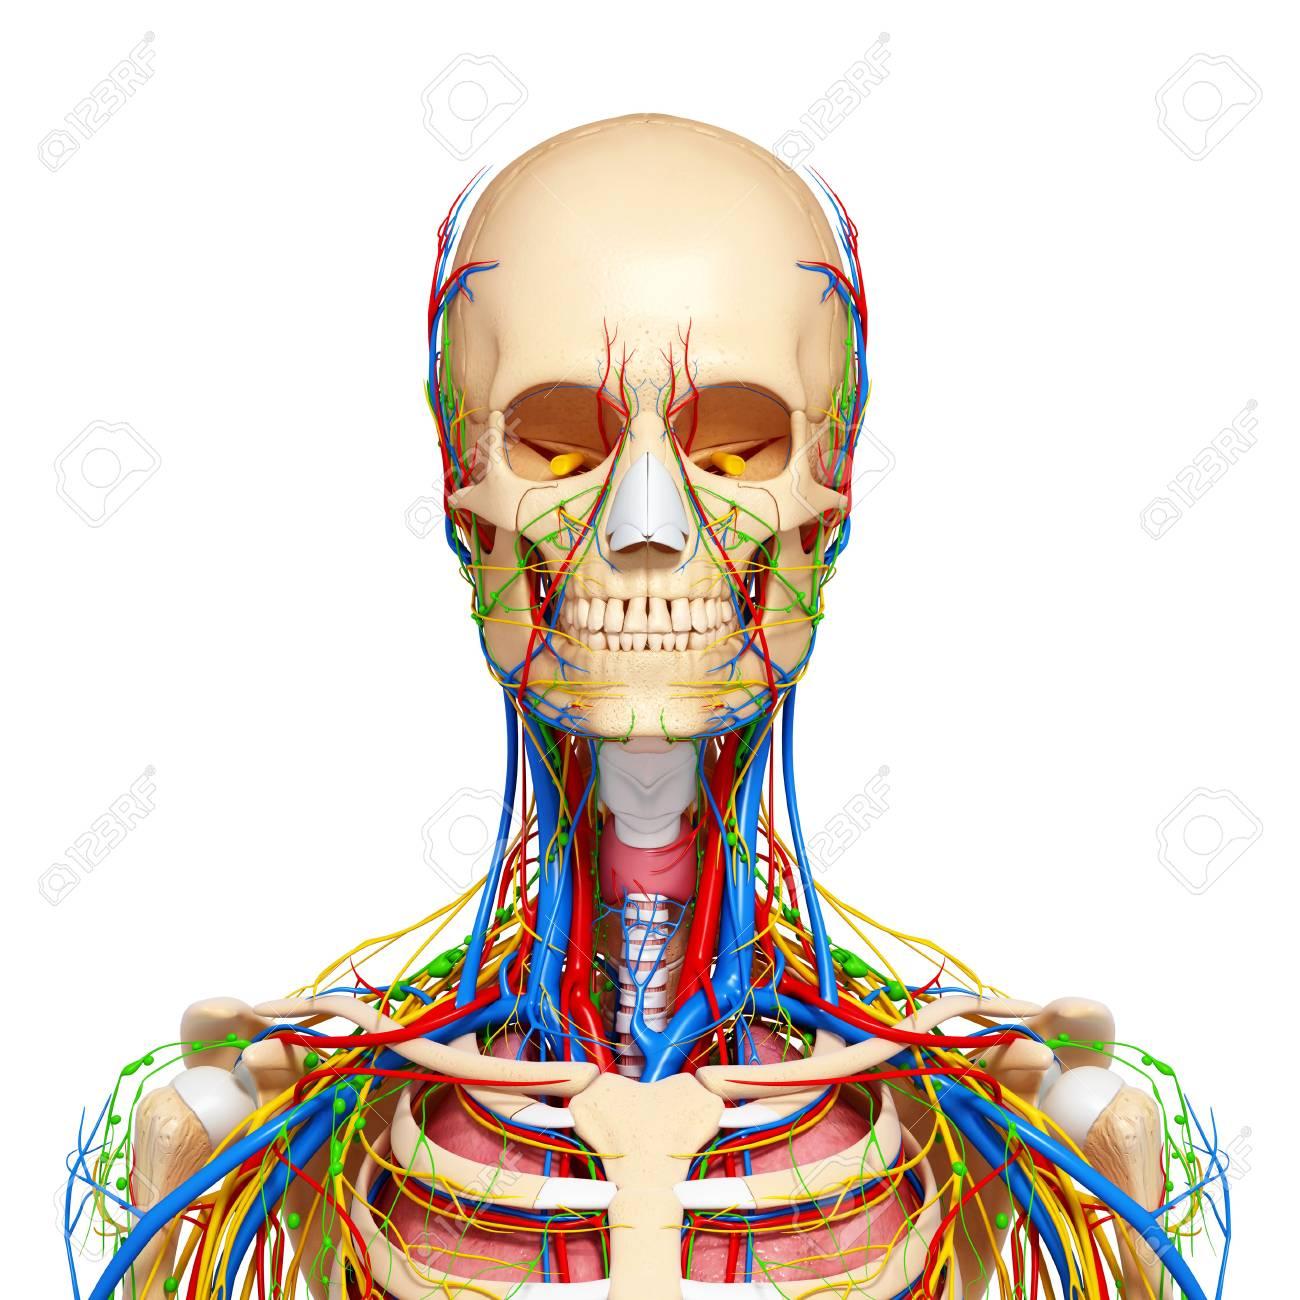 Oberkörper Anatomie, Kunstwerk Lizenzfreie Fotos, Bilder Und Stock ...